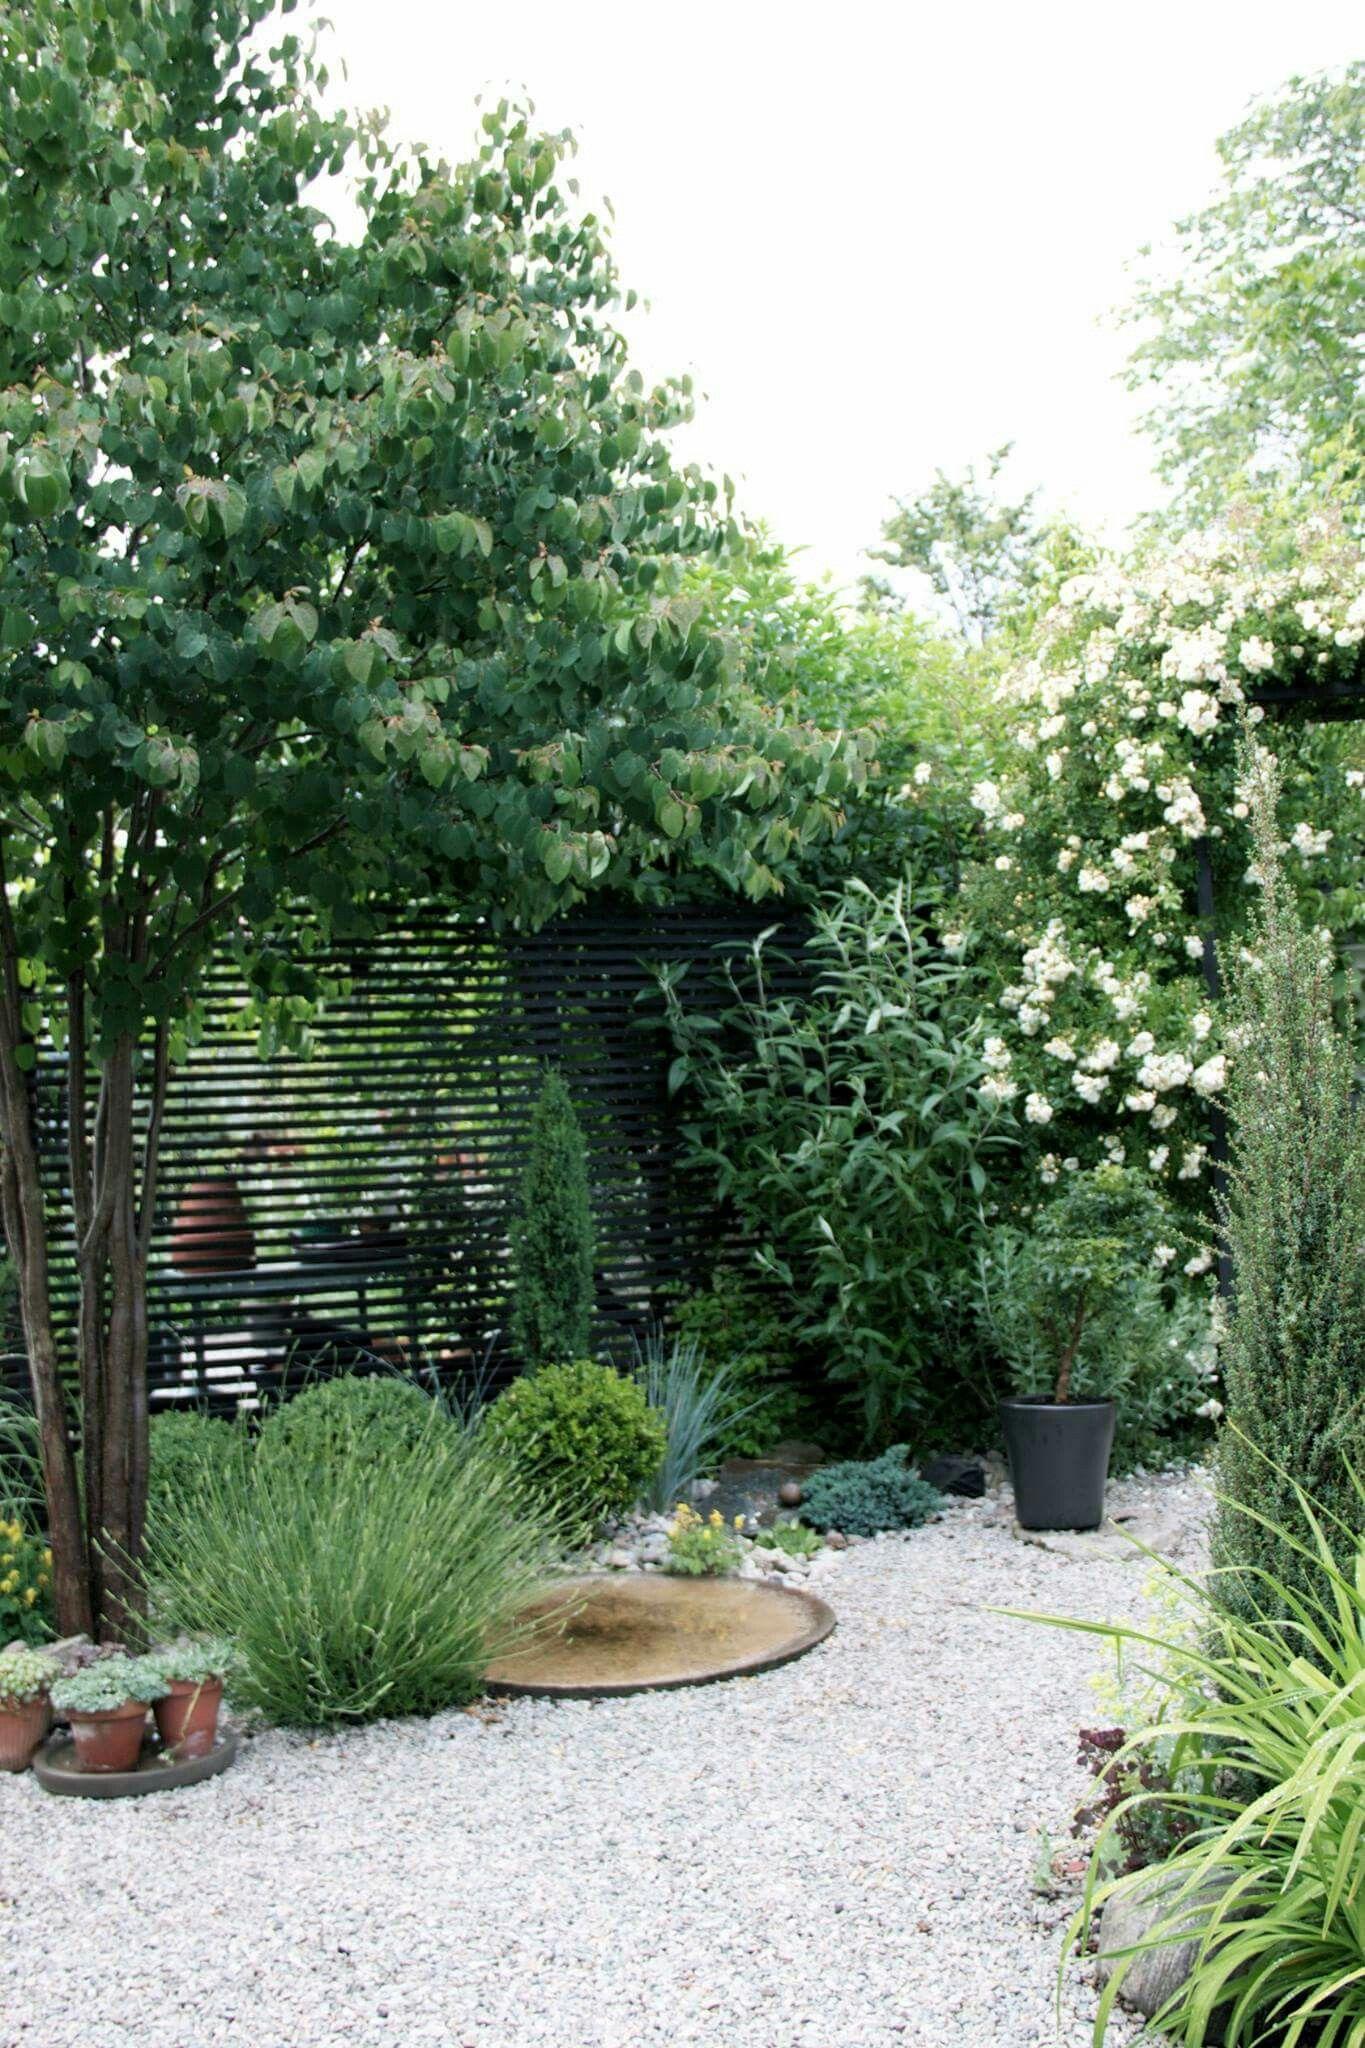 Kies und wand garden ideas - Kiesgarten bepflanzung ...